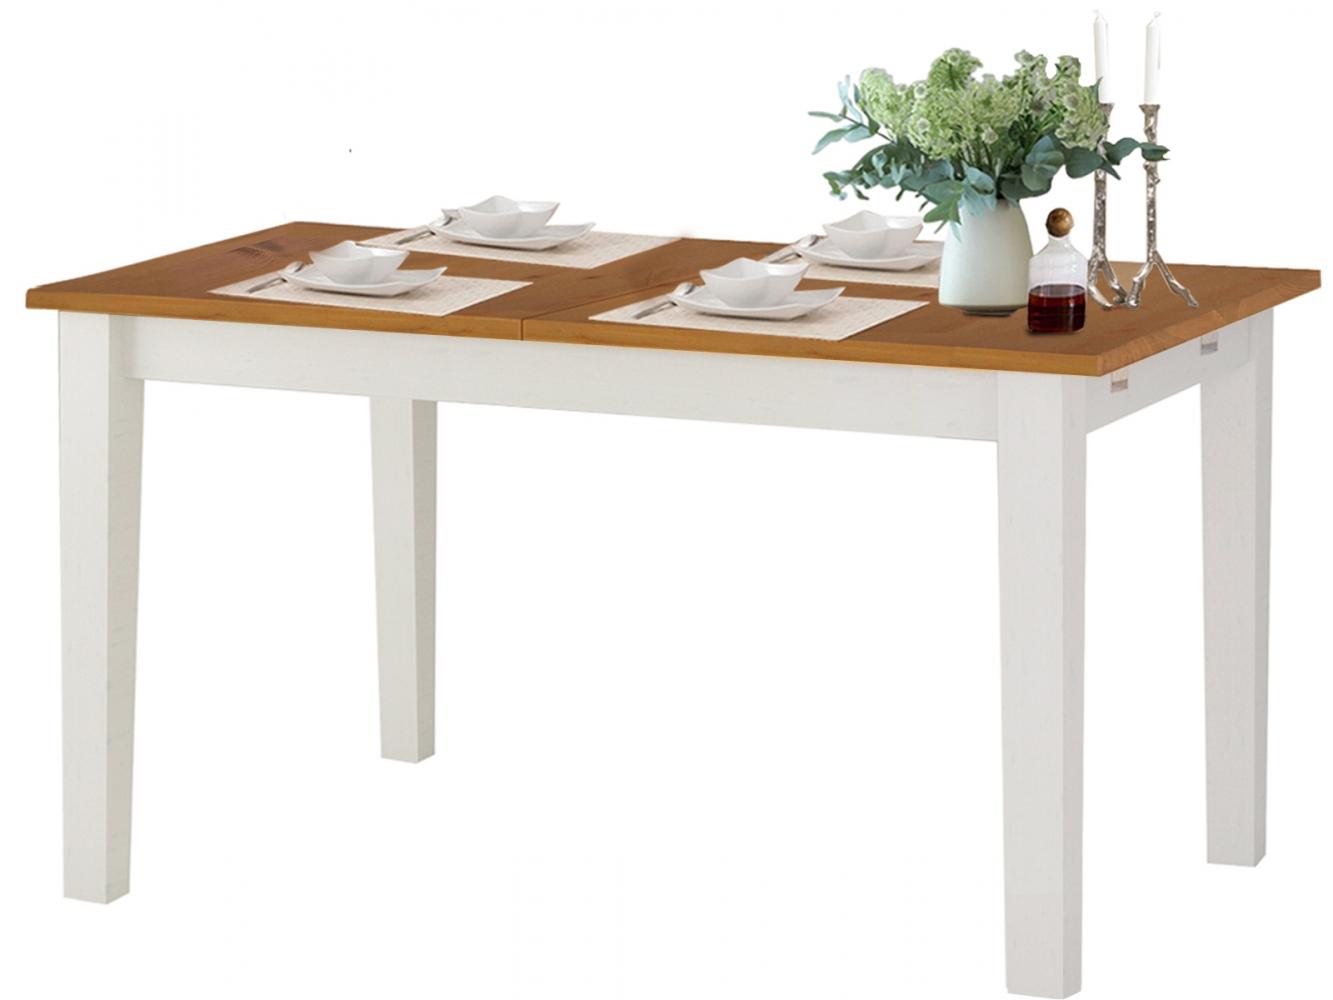 Jídelní stůl Disa, 160 cm, bílá / borovice